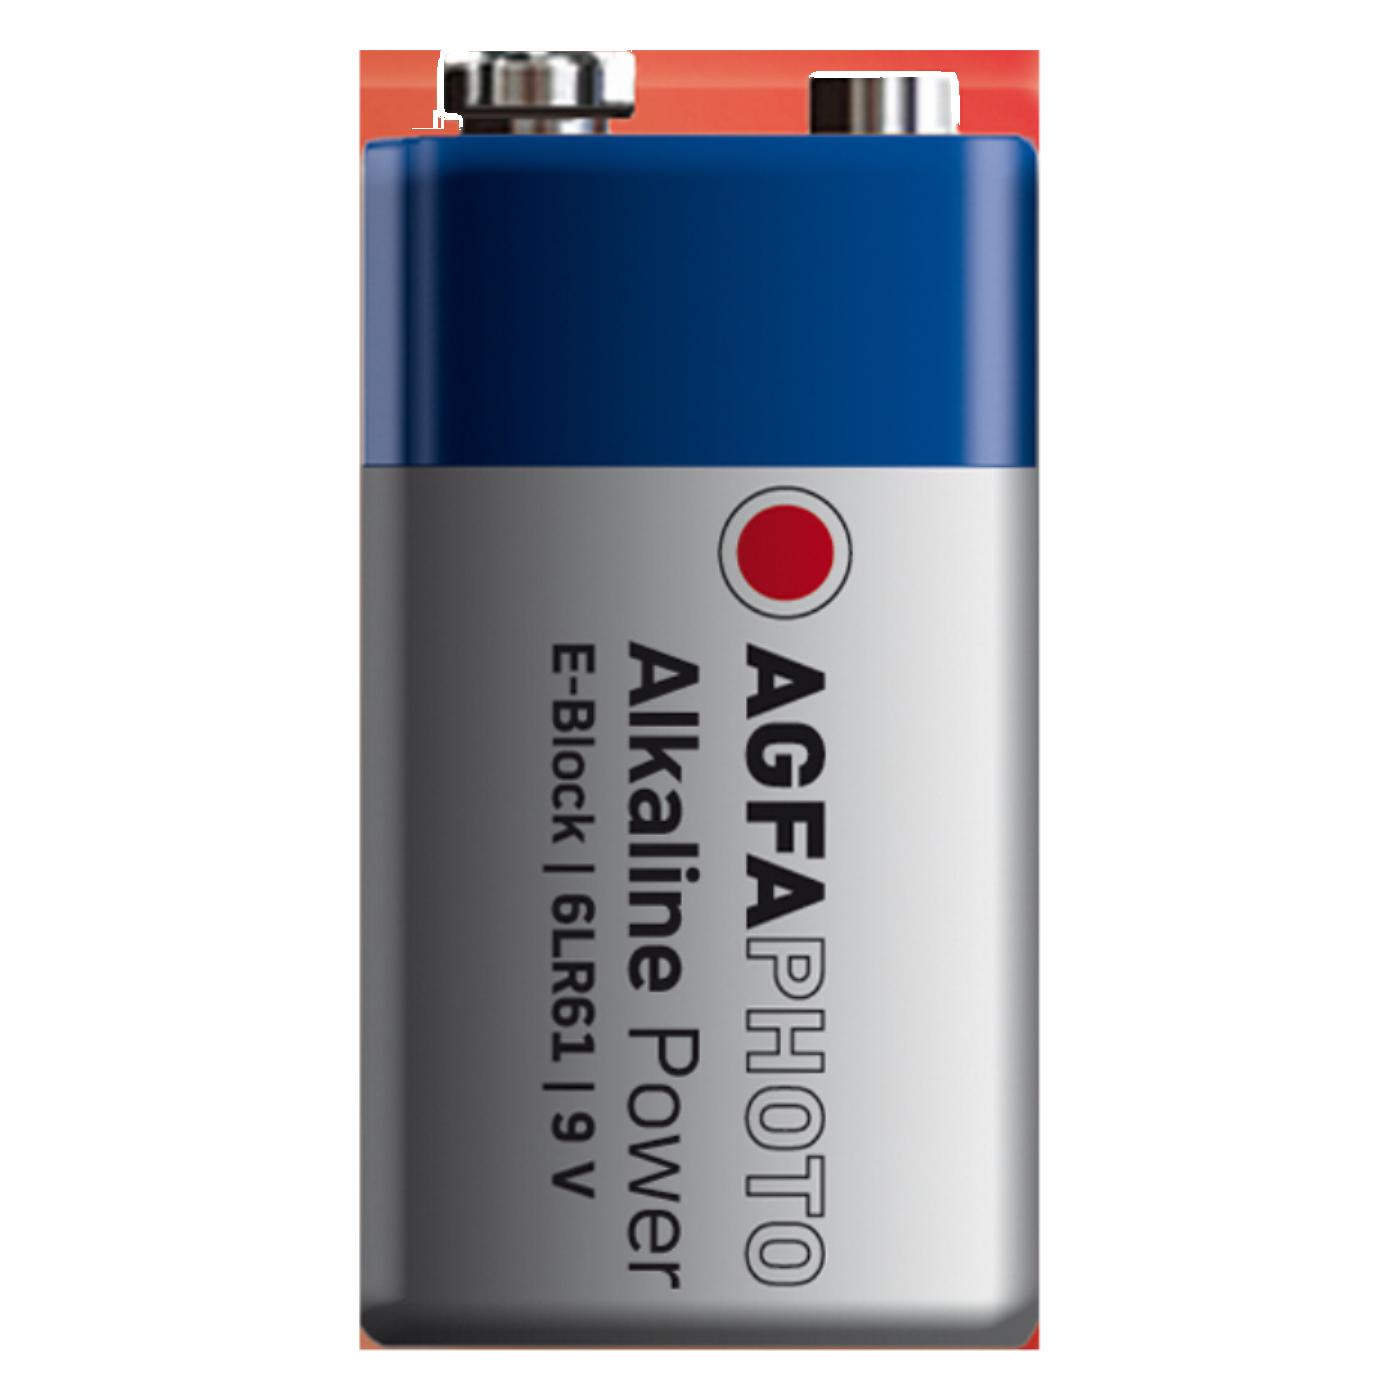 Baterija alkalna 6LR61, 9V, blister pak. 1 kom